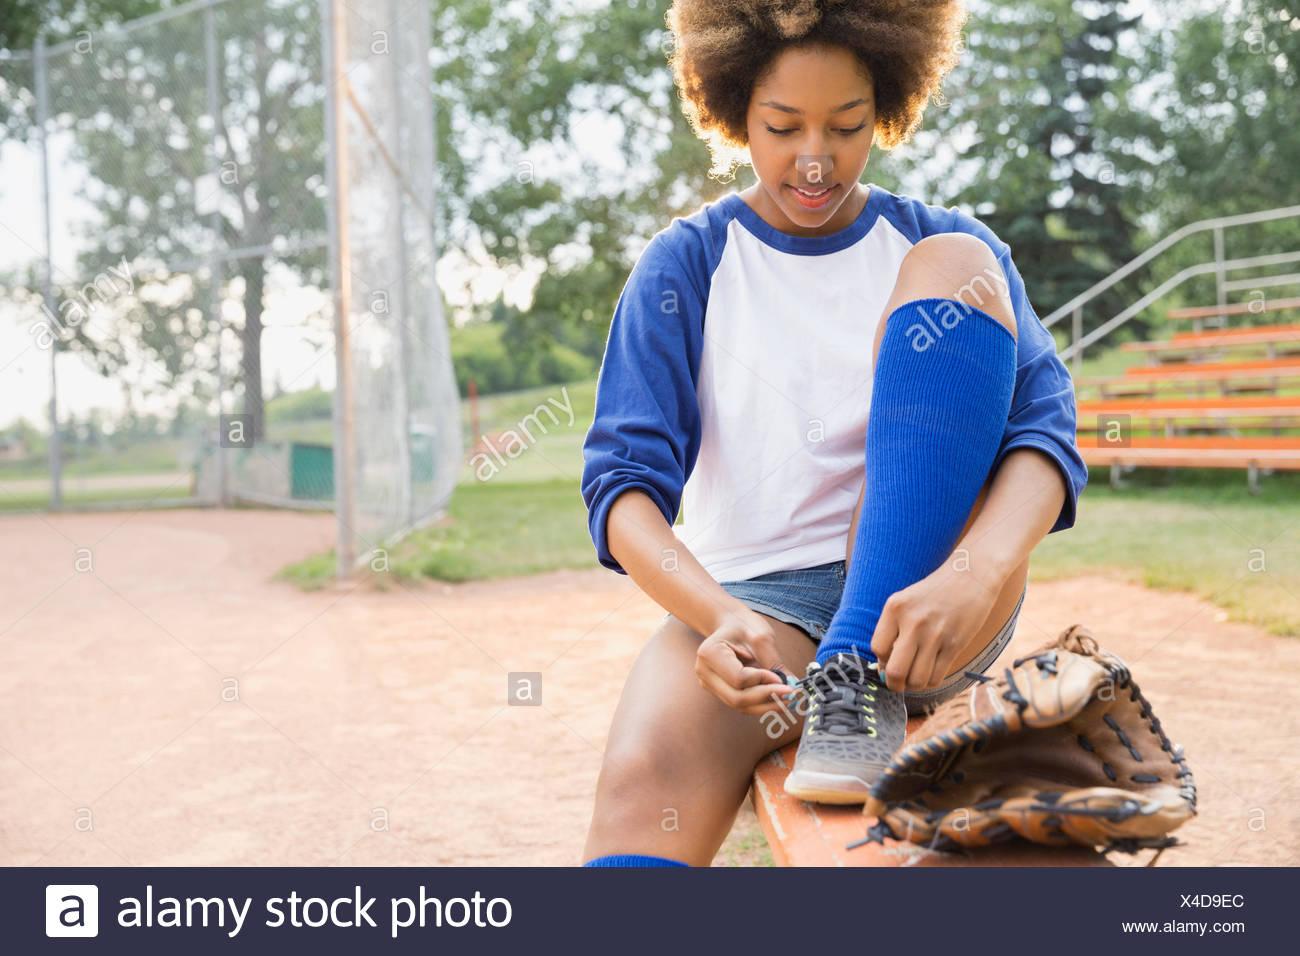 Joueur de base-ball chaussures de liage sur terrain Photo Stock